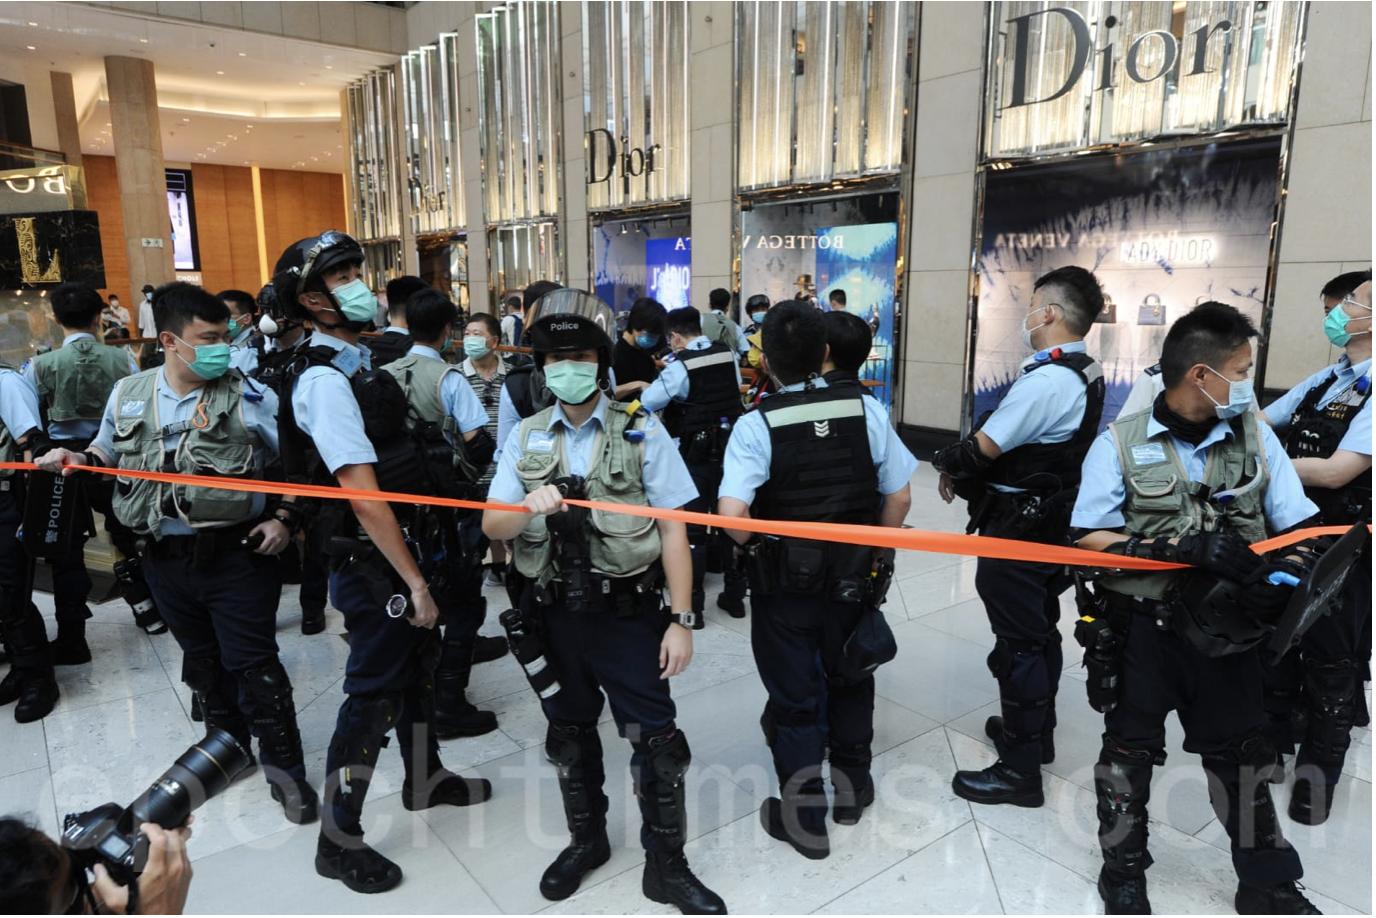 活動期間,警察突然拉上封鎖帶,阻止記者和一位外籍人士走進。之後警察撤下封鎖帶。現場民眾繼續在廣場內呼叫口號。(宋碧龍/大紀元)